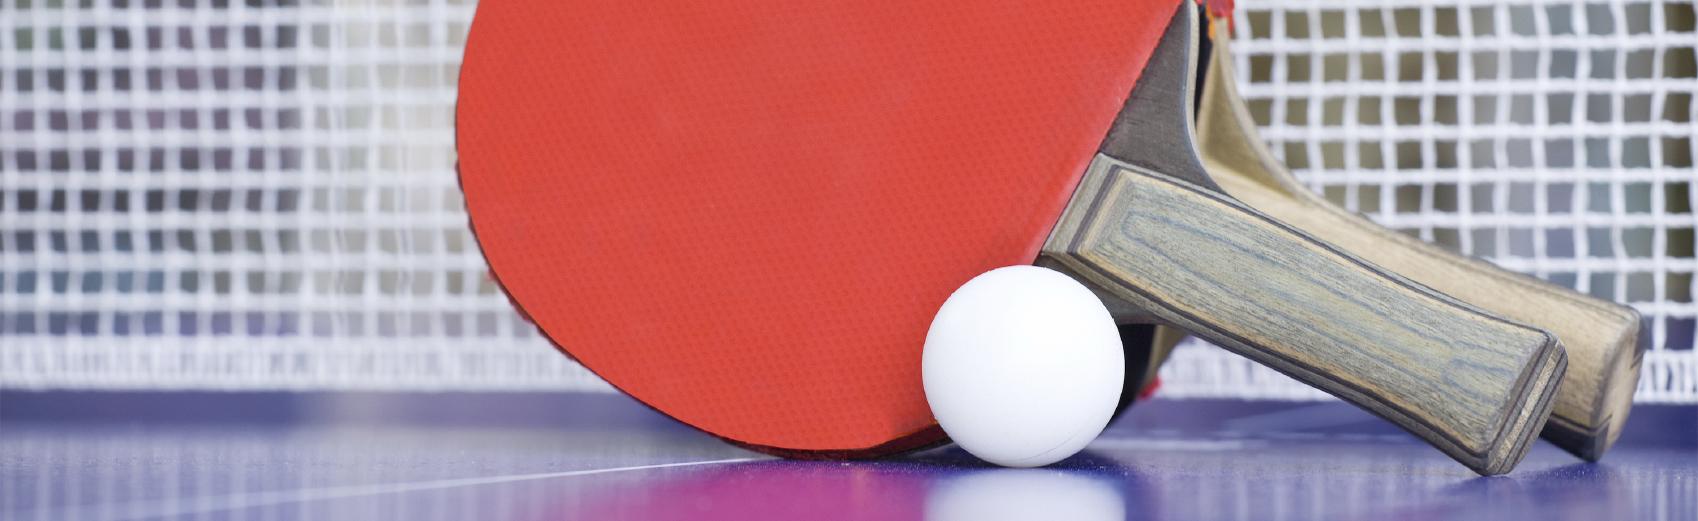 Le tennis de table est l'un des sports les plus pratiqués au monde. Les sports universitaires offrent le mardi à midi, dans une salle proche d'Uni-mail, les conseils d'un moniteur expérimenté. Vous améliorerez ainsi votre technique au travers d'exercices spécifiques et adaptés.